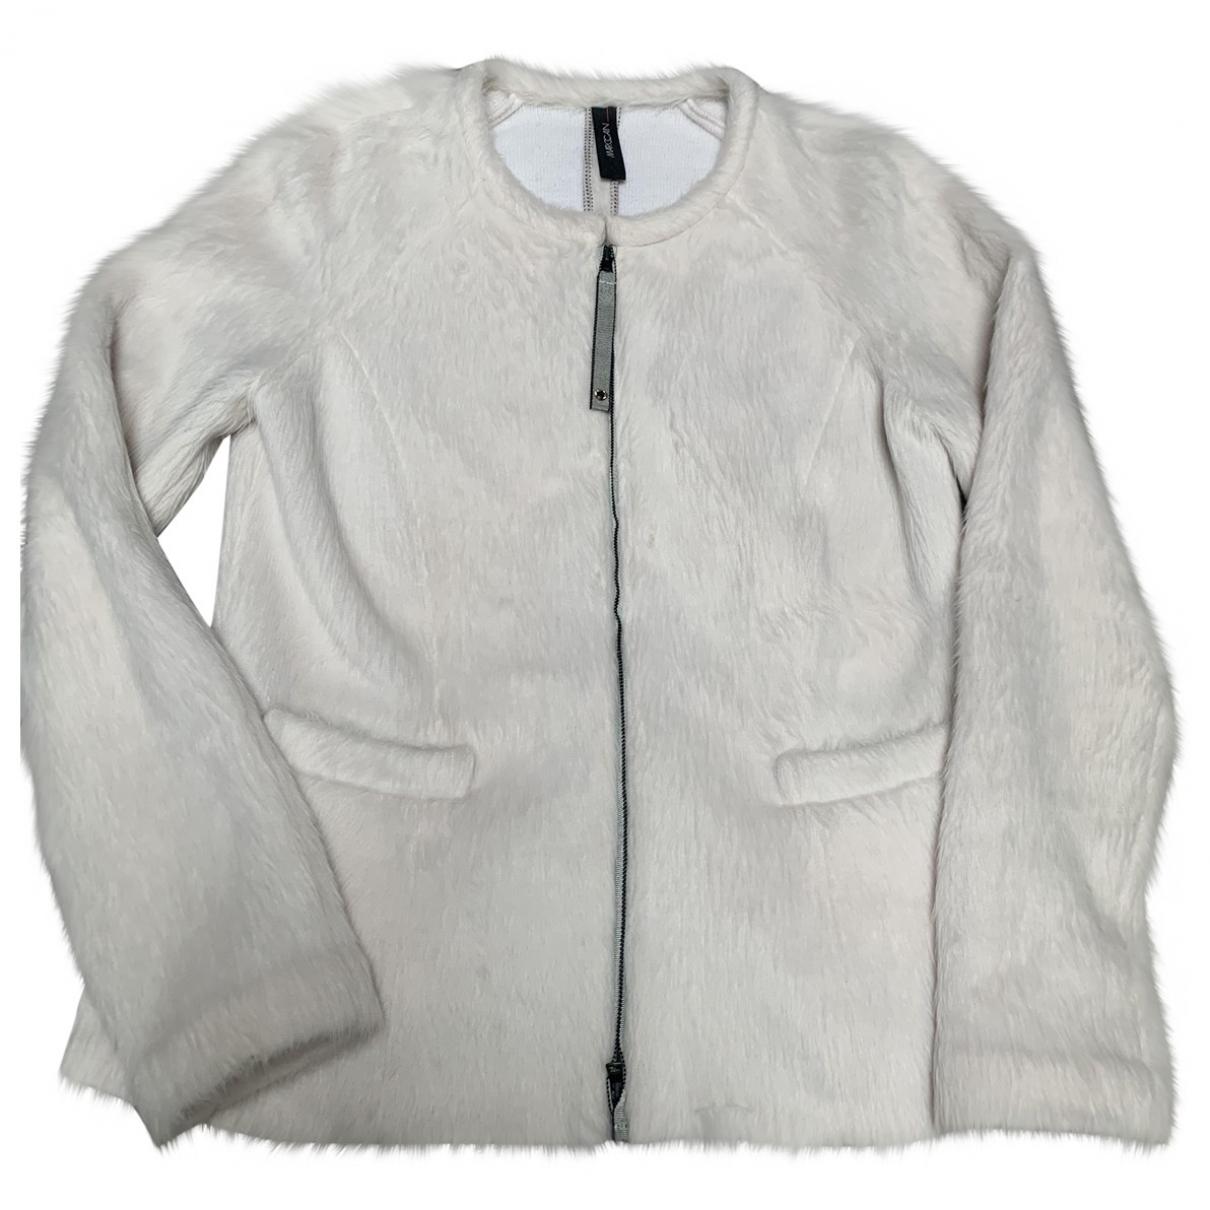 Marc Cain \N Ecru jacket for Women 4 0-5